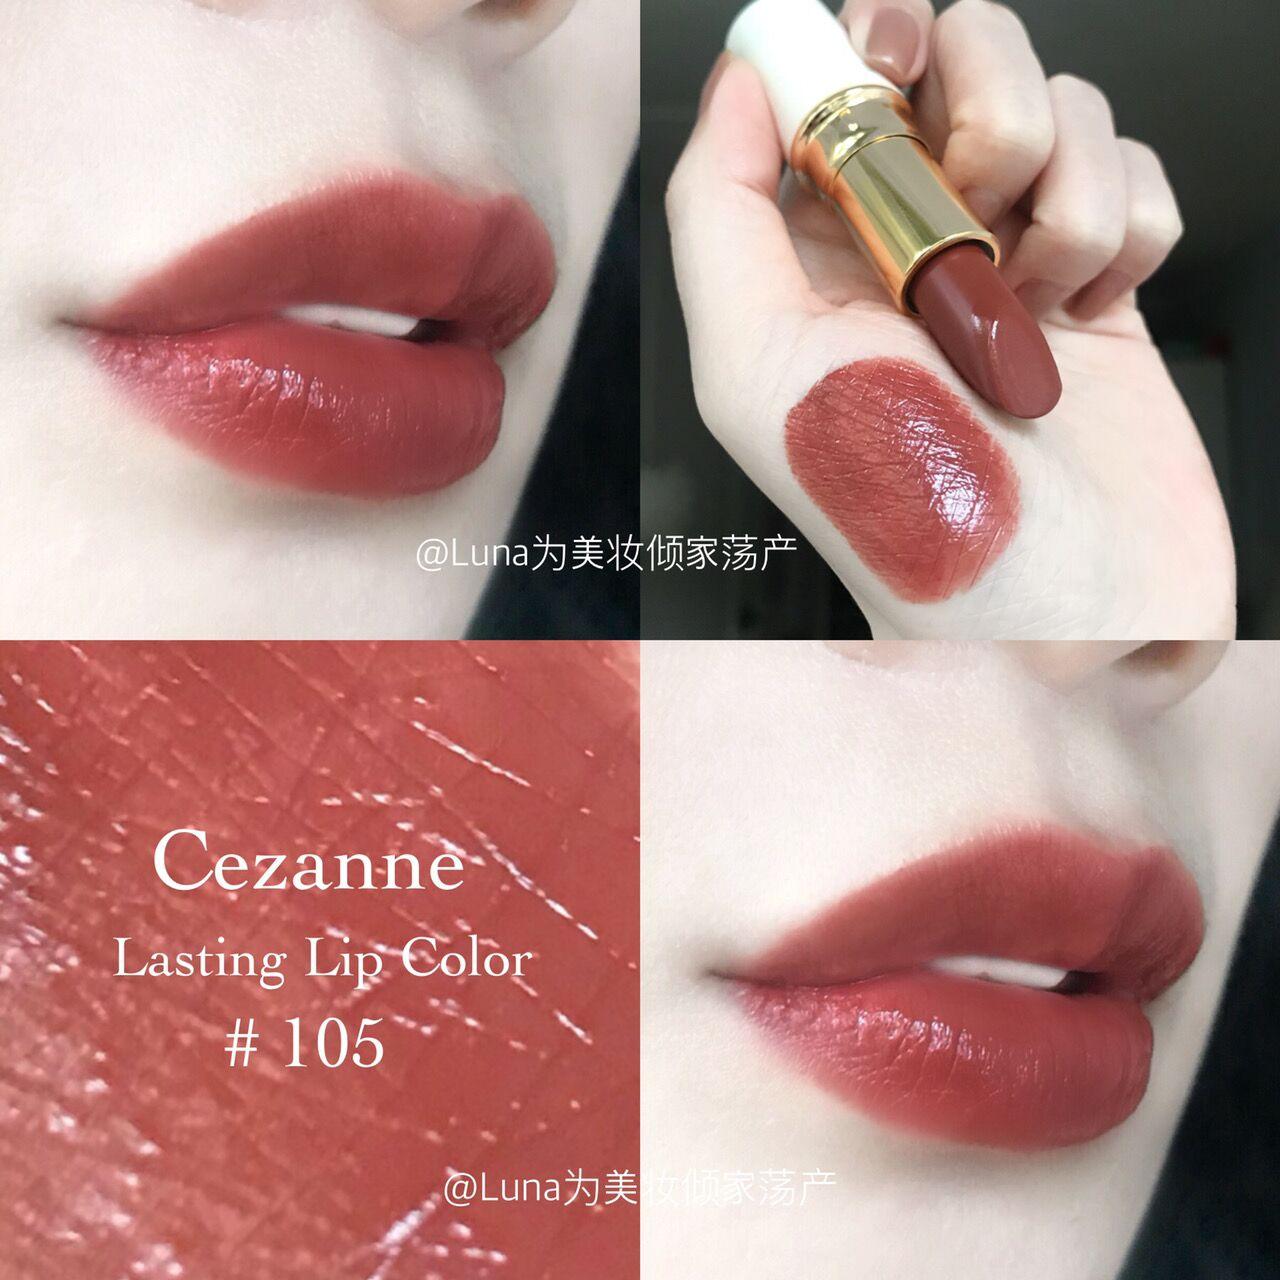 Son môi Cezanne Qianli Nhật Bản 402 son trắng béo nữ 406 dưỡng ẩm dưỡng ẩm CT4 hàng ngày linh tinh vàng ống 101 - Son môi